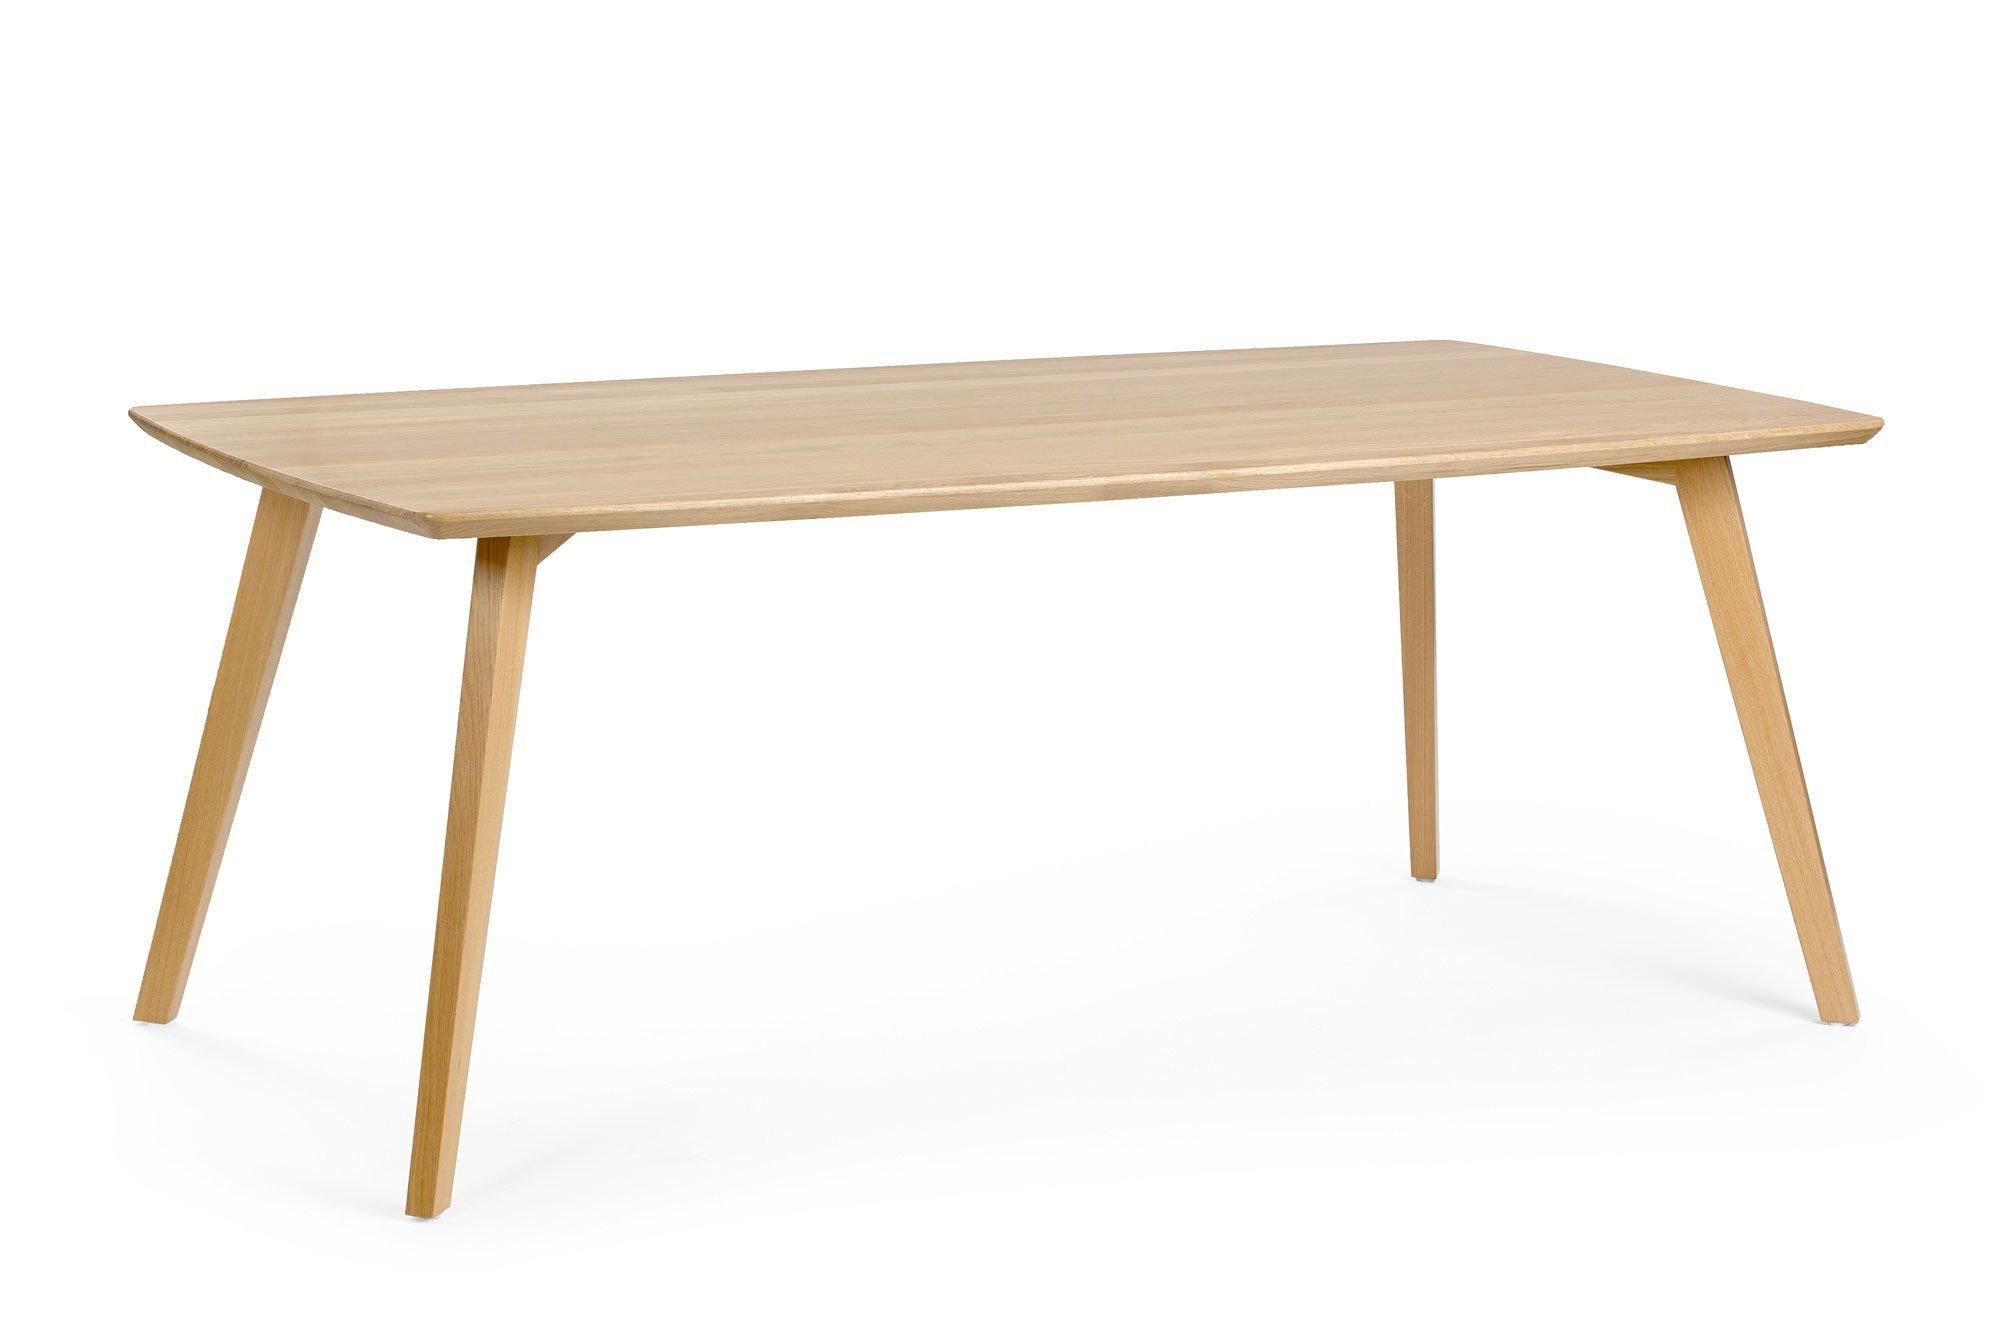 Inspirierend Tisch Massiv Ideen Von Mood #t1 Von Mobitec - Esstisch Massive